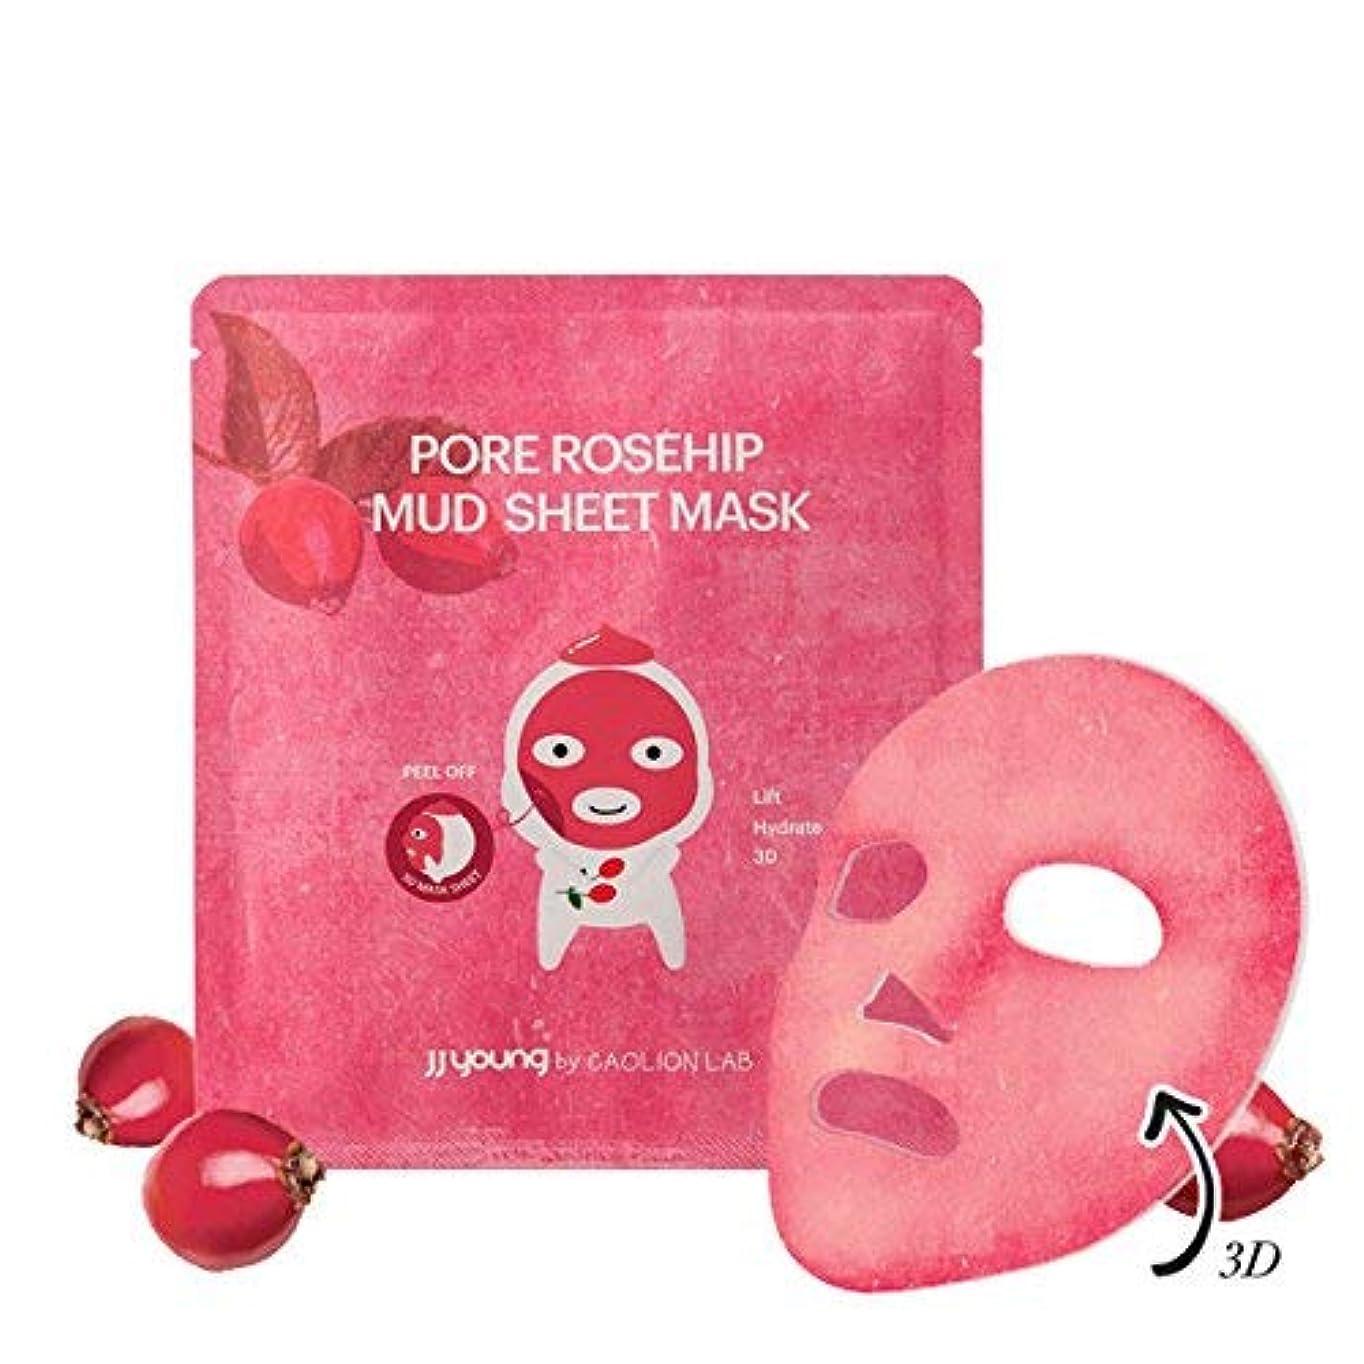 伴う精度望ましいPore Rosehip Mud Sheet Mask ポアローズヒップマッドシートマスク [海外直送品] [並行輸入品]